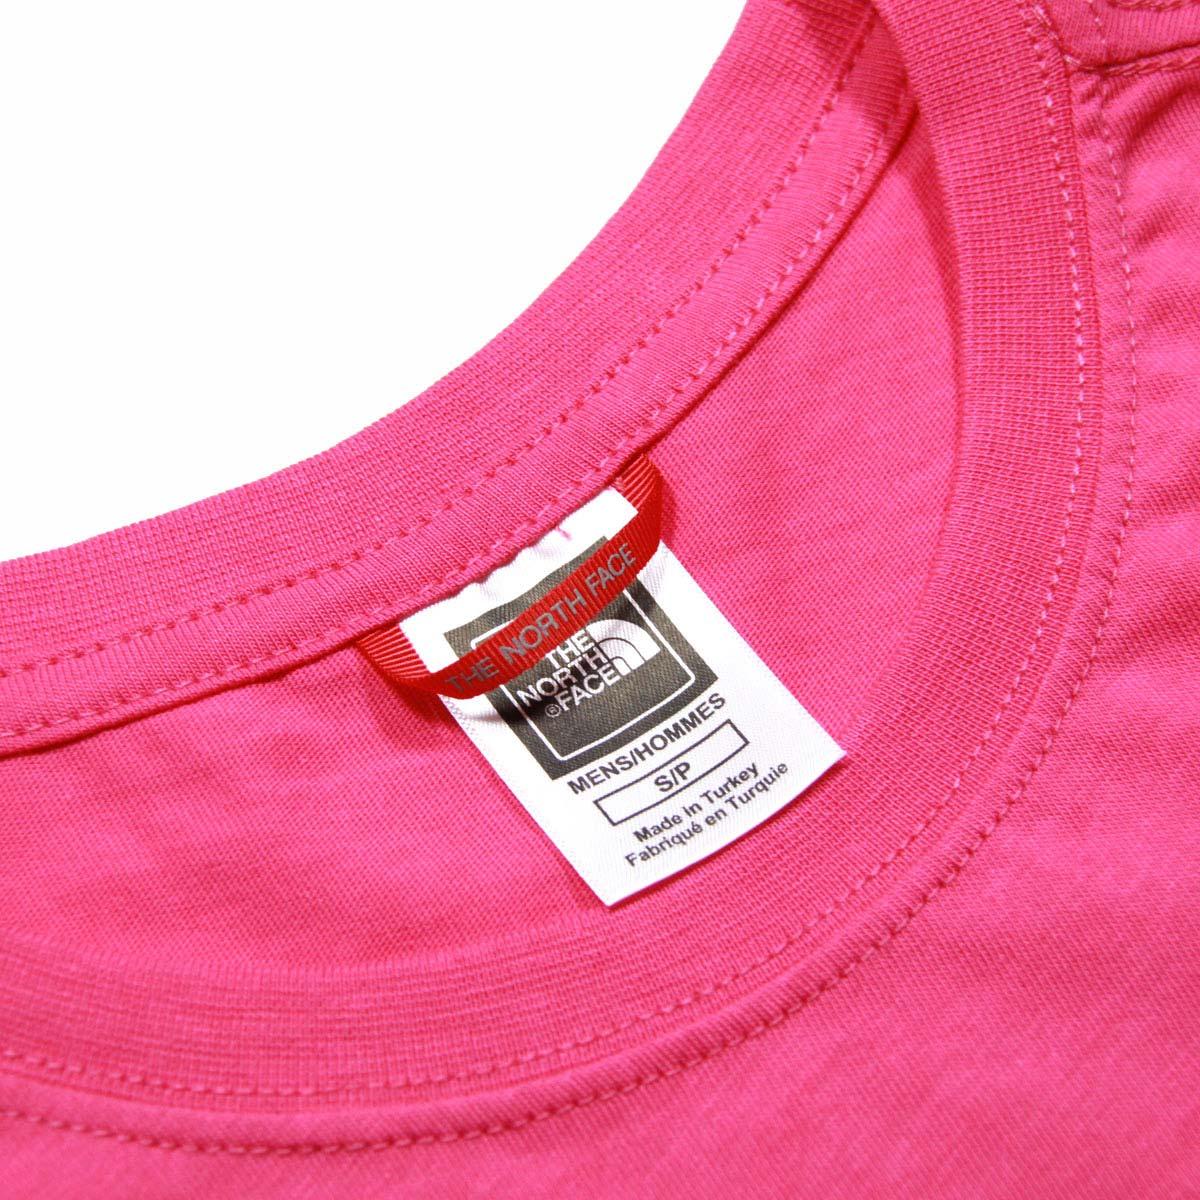 ノースフェイス Tシャツ メンズ 正規品 THE NORTH FACE 半袖Tシャツ クルーネックTシャツ バックプリント SHORT SLEEVE RED BOX TEE NF0A2TX2 MR. PINK A14B B1C C1D D1E E11F